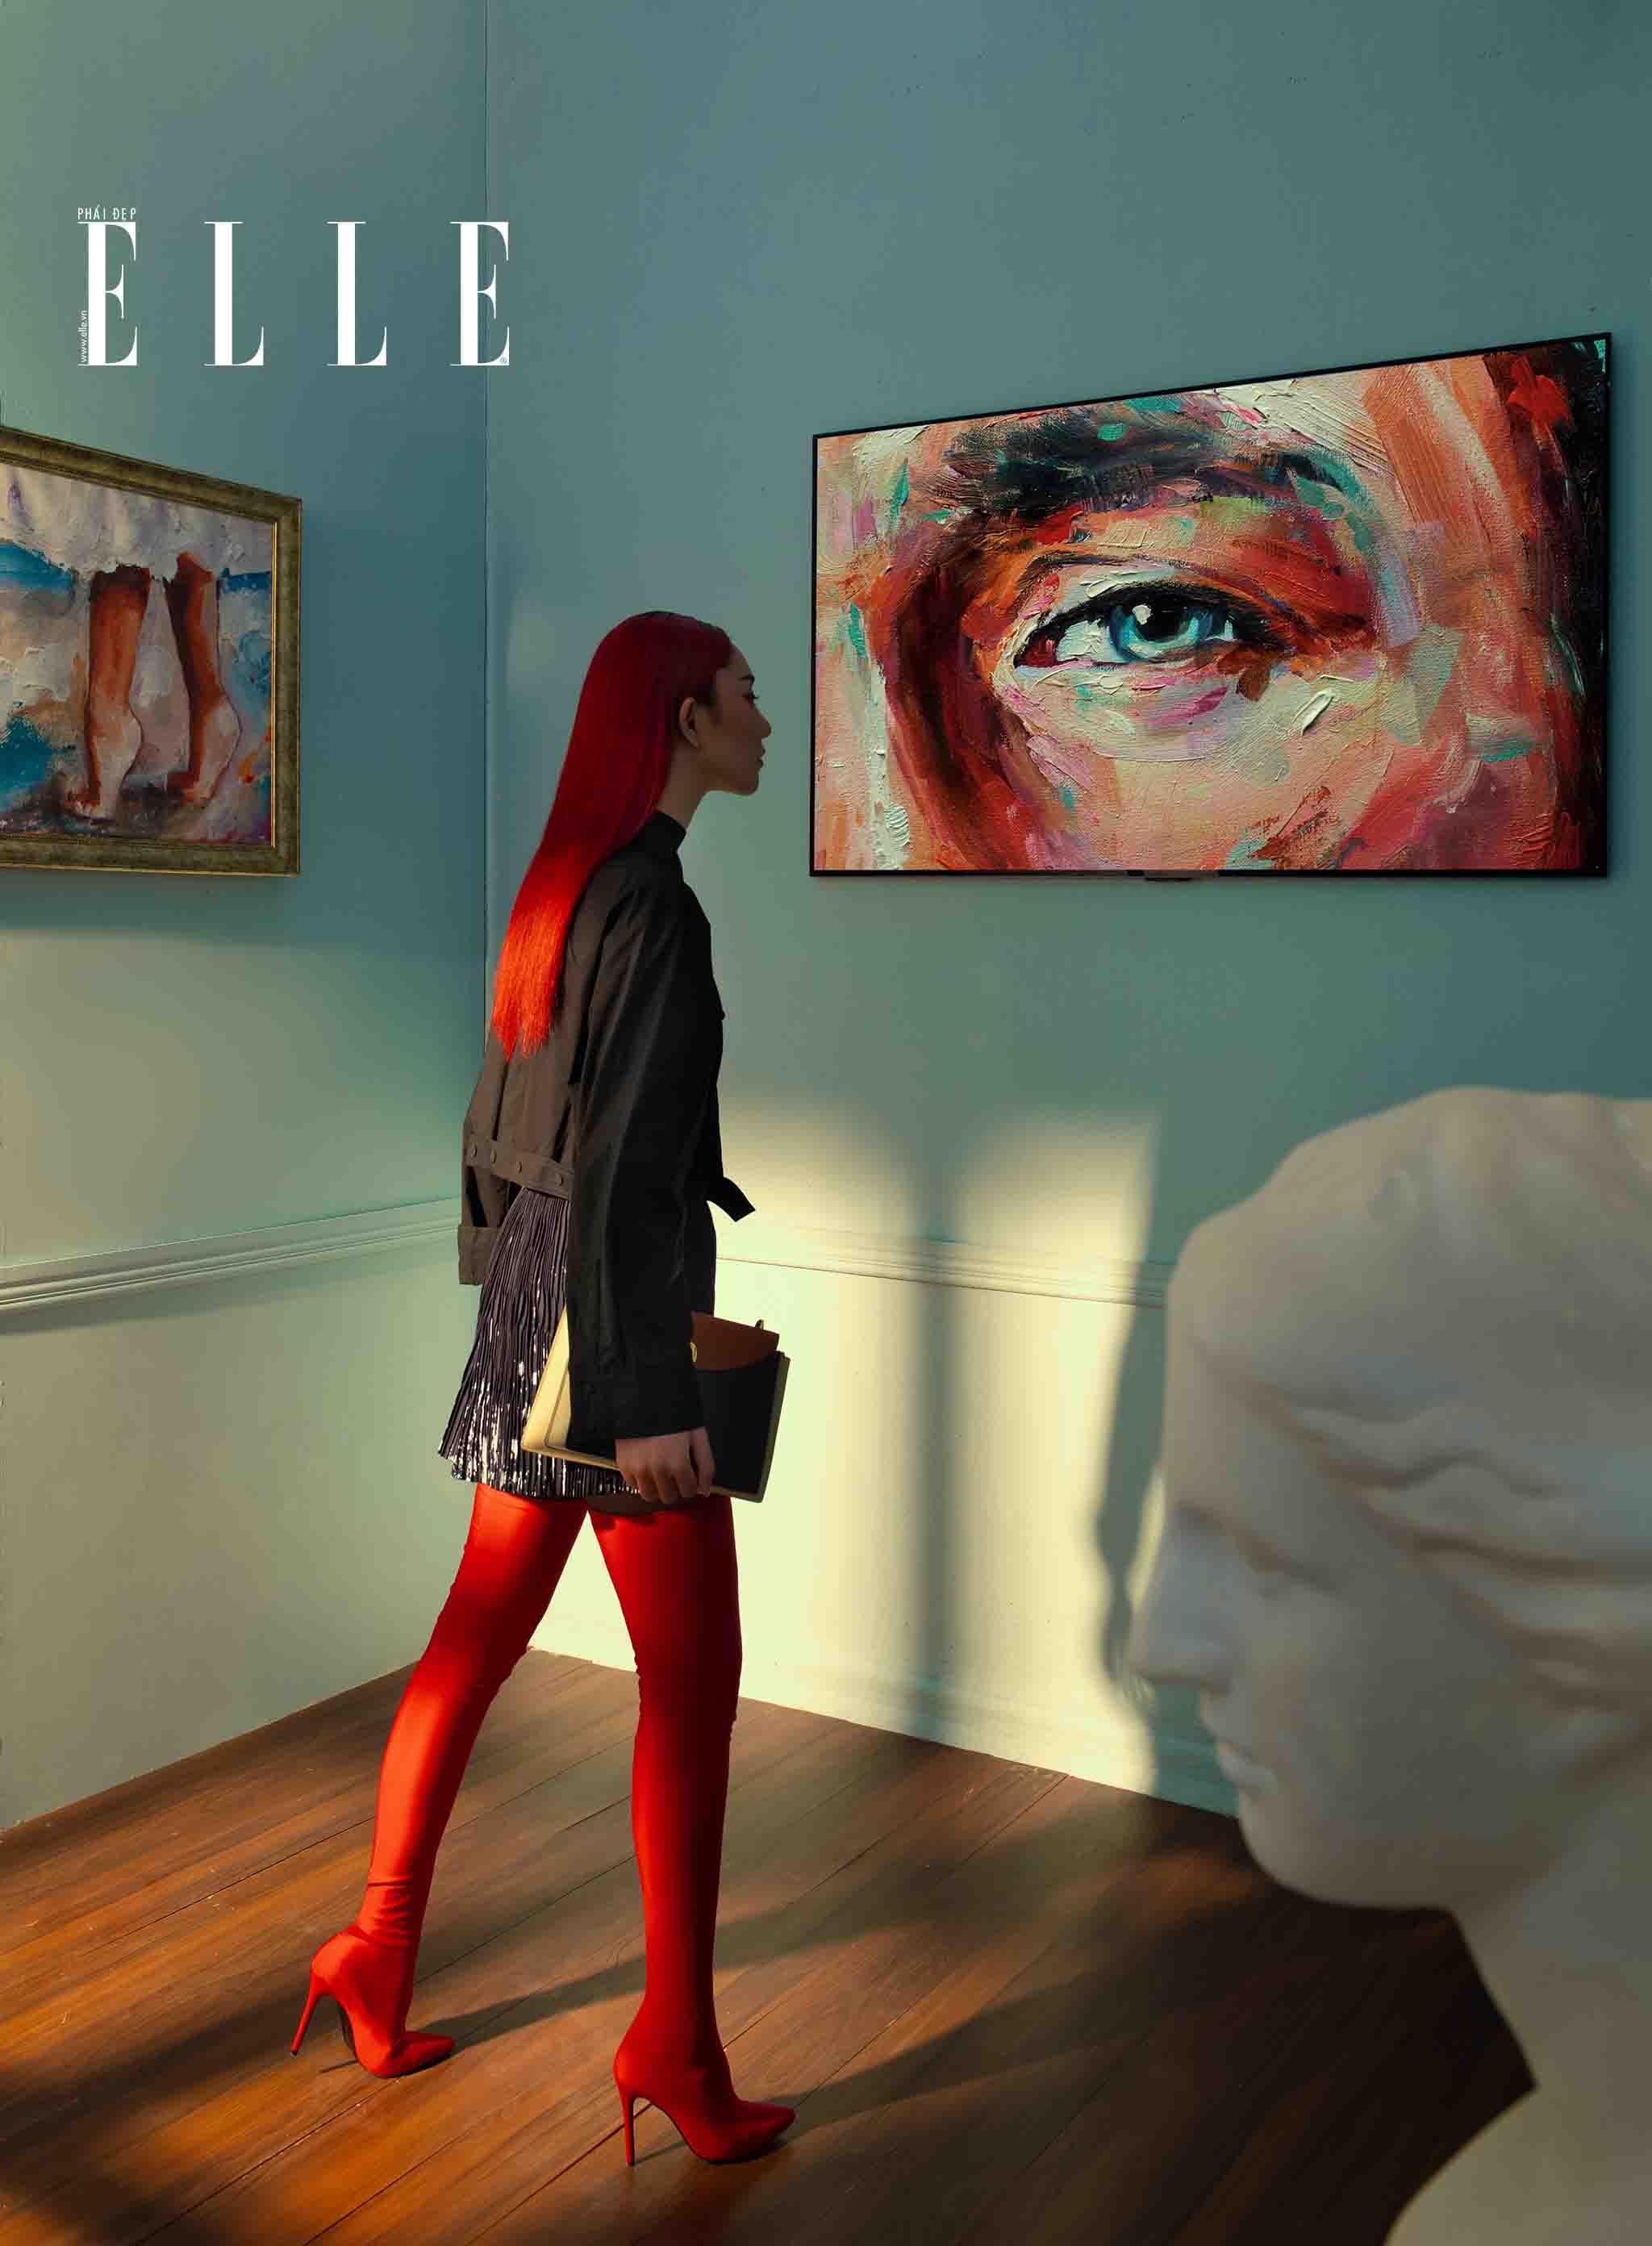 cô gái ngắm bức tranh nghệ thuật